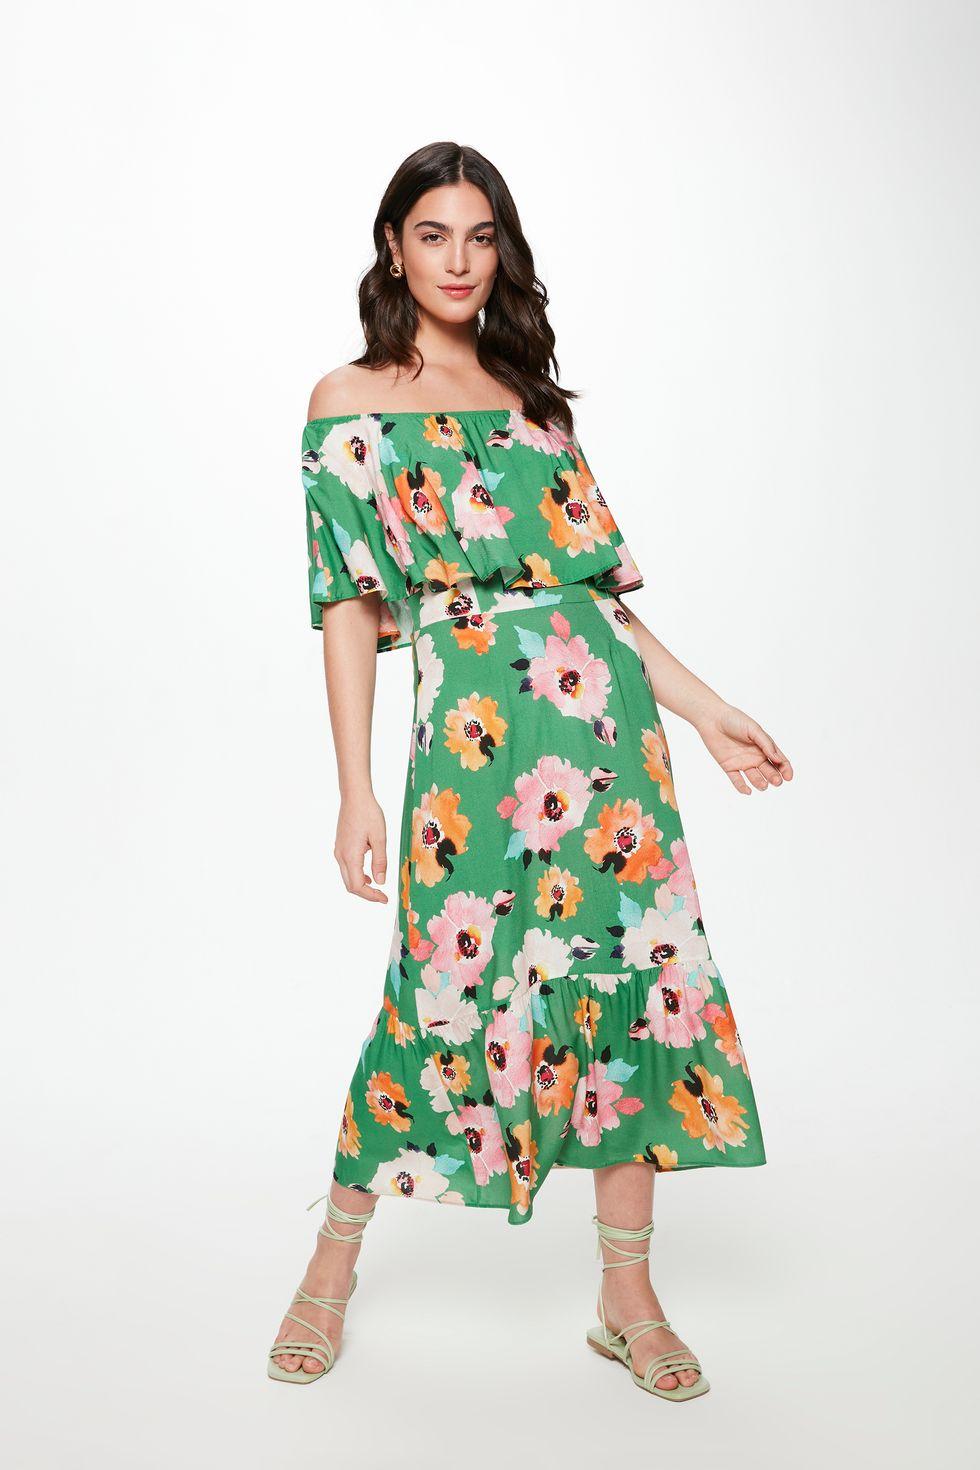 Vestido-Midi-com-Estampa-Floral-Verde-Frente--